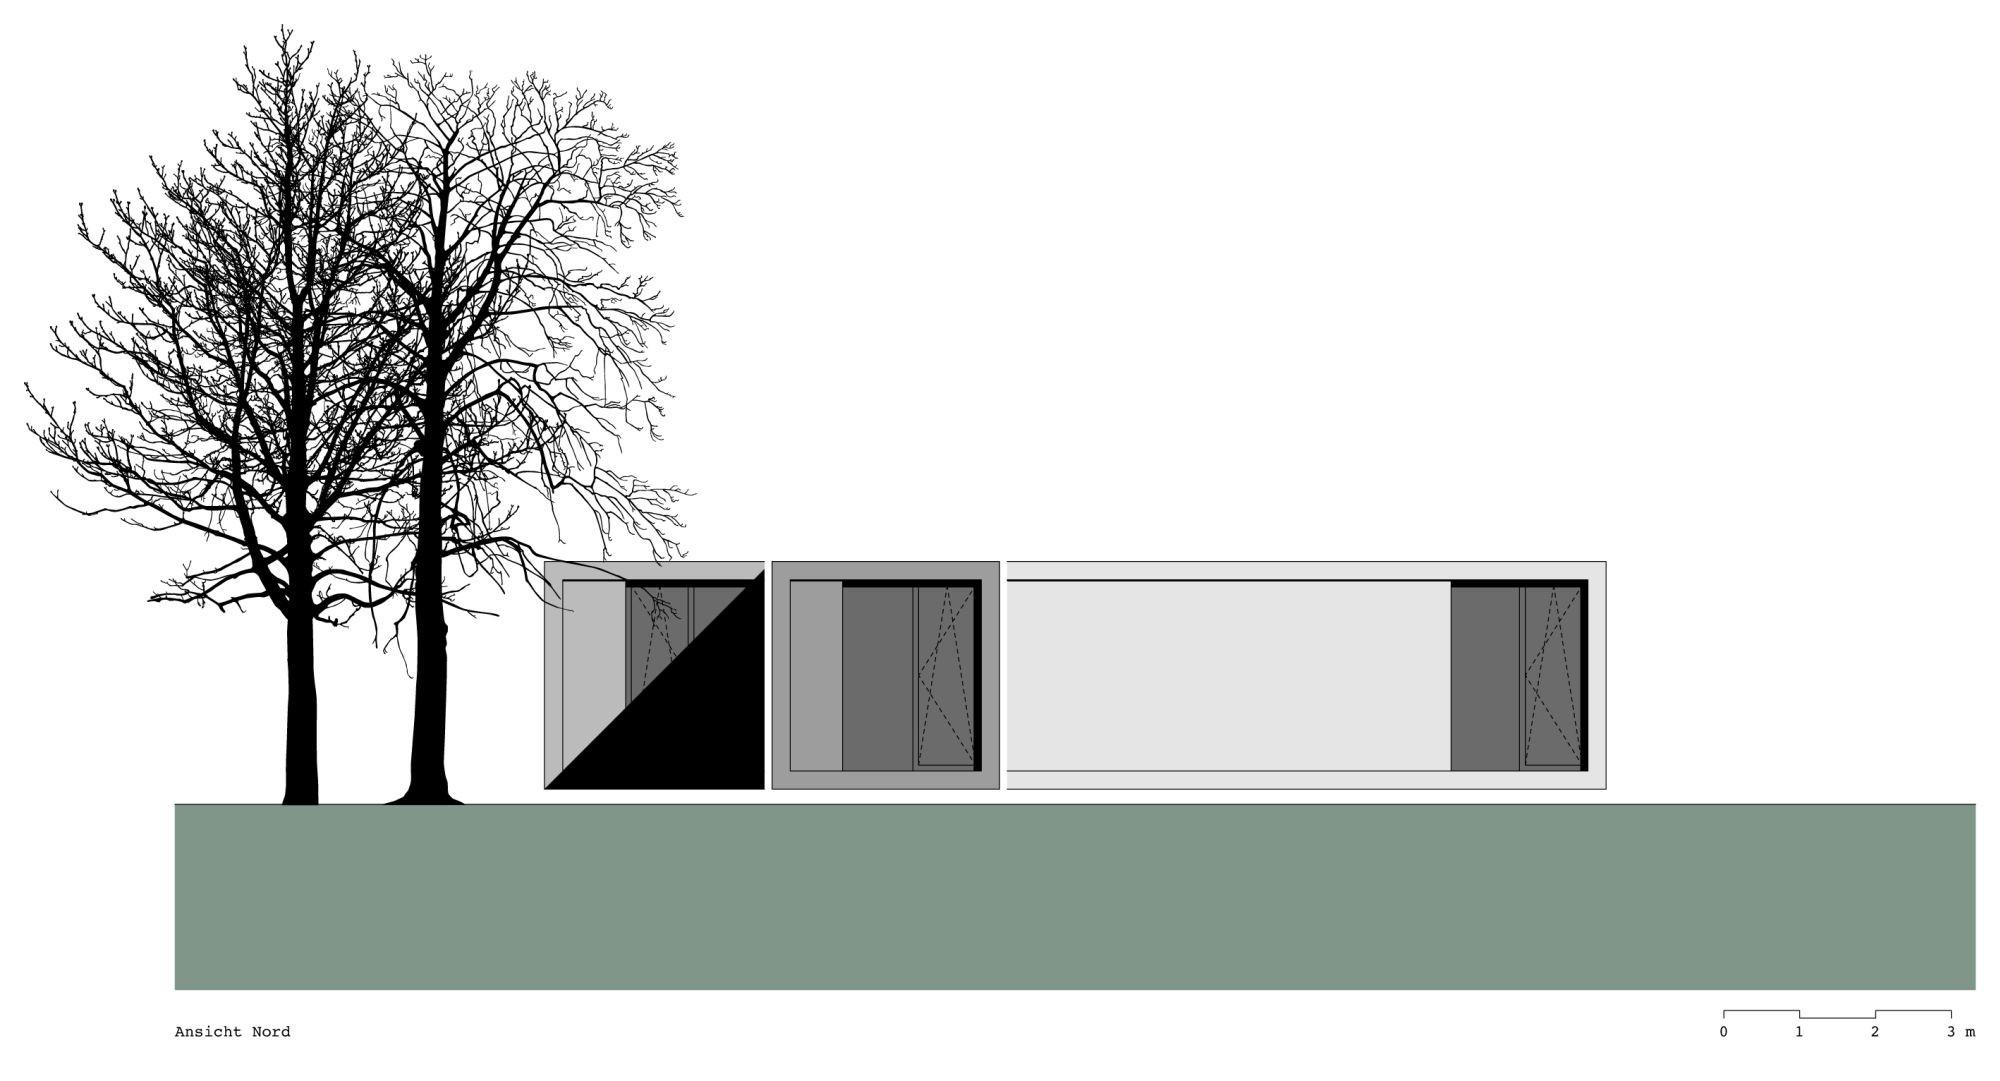 Lhvh Architekten gallery of containerlove lhvh architekten 13